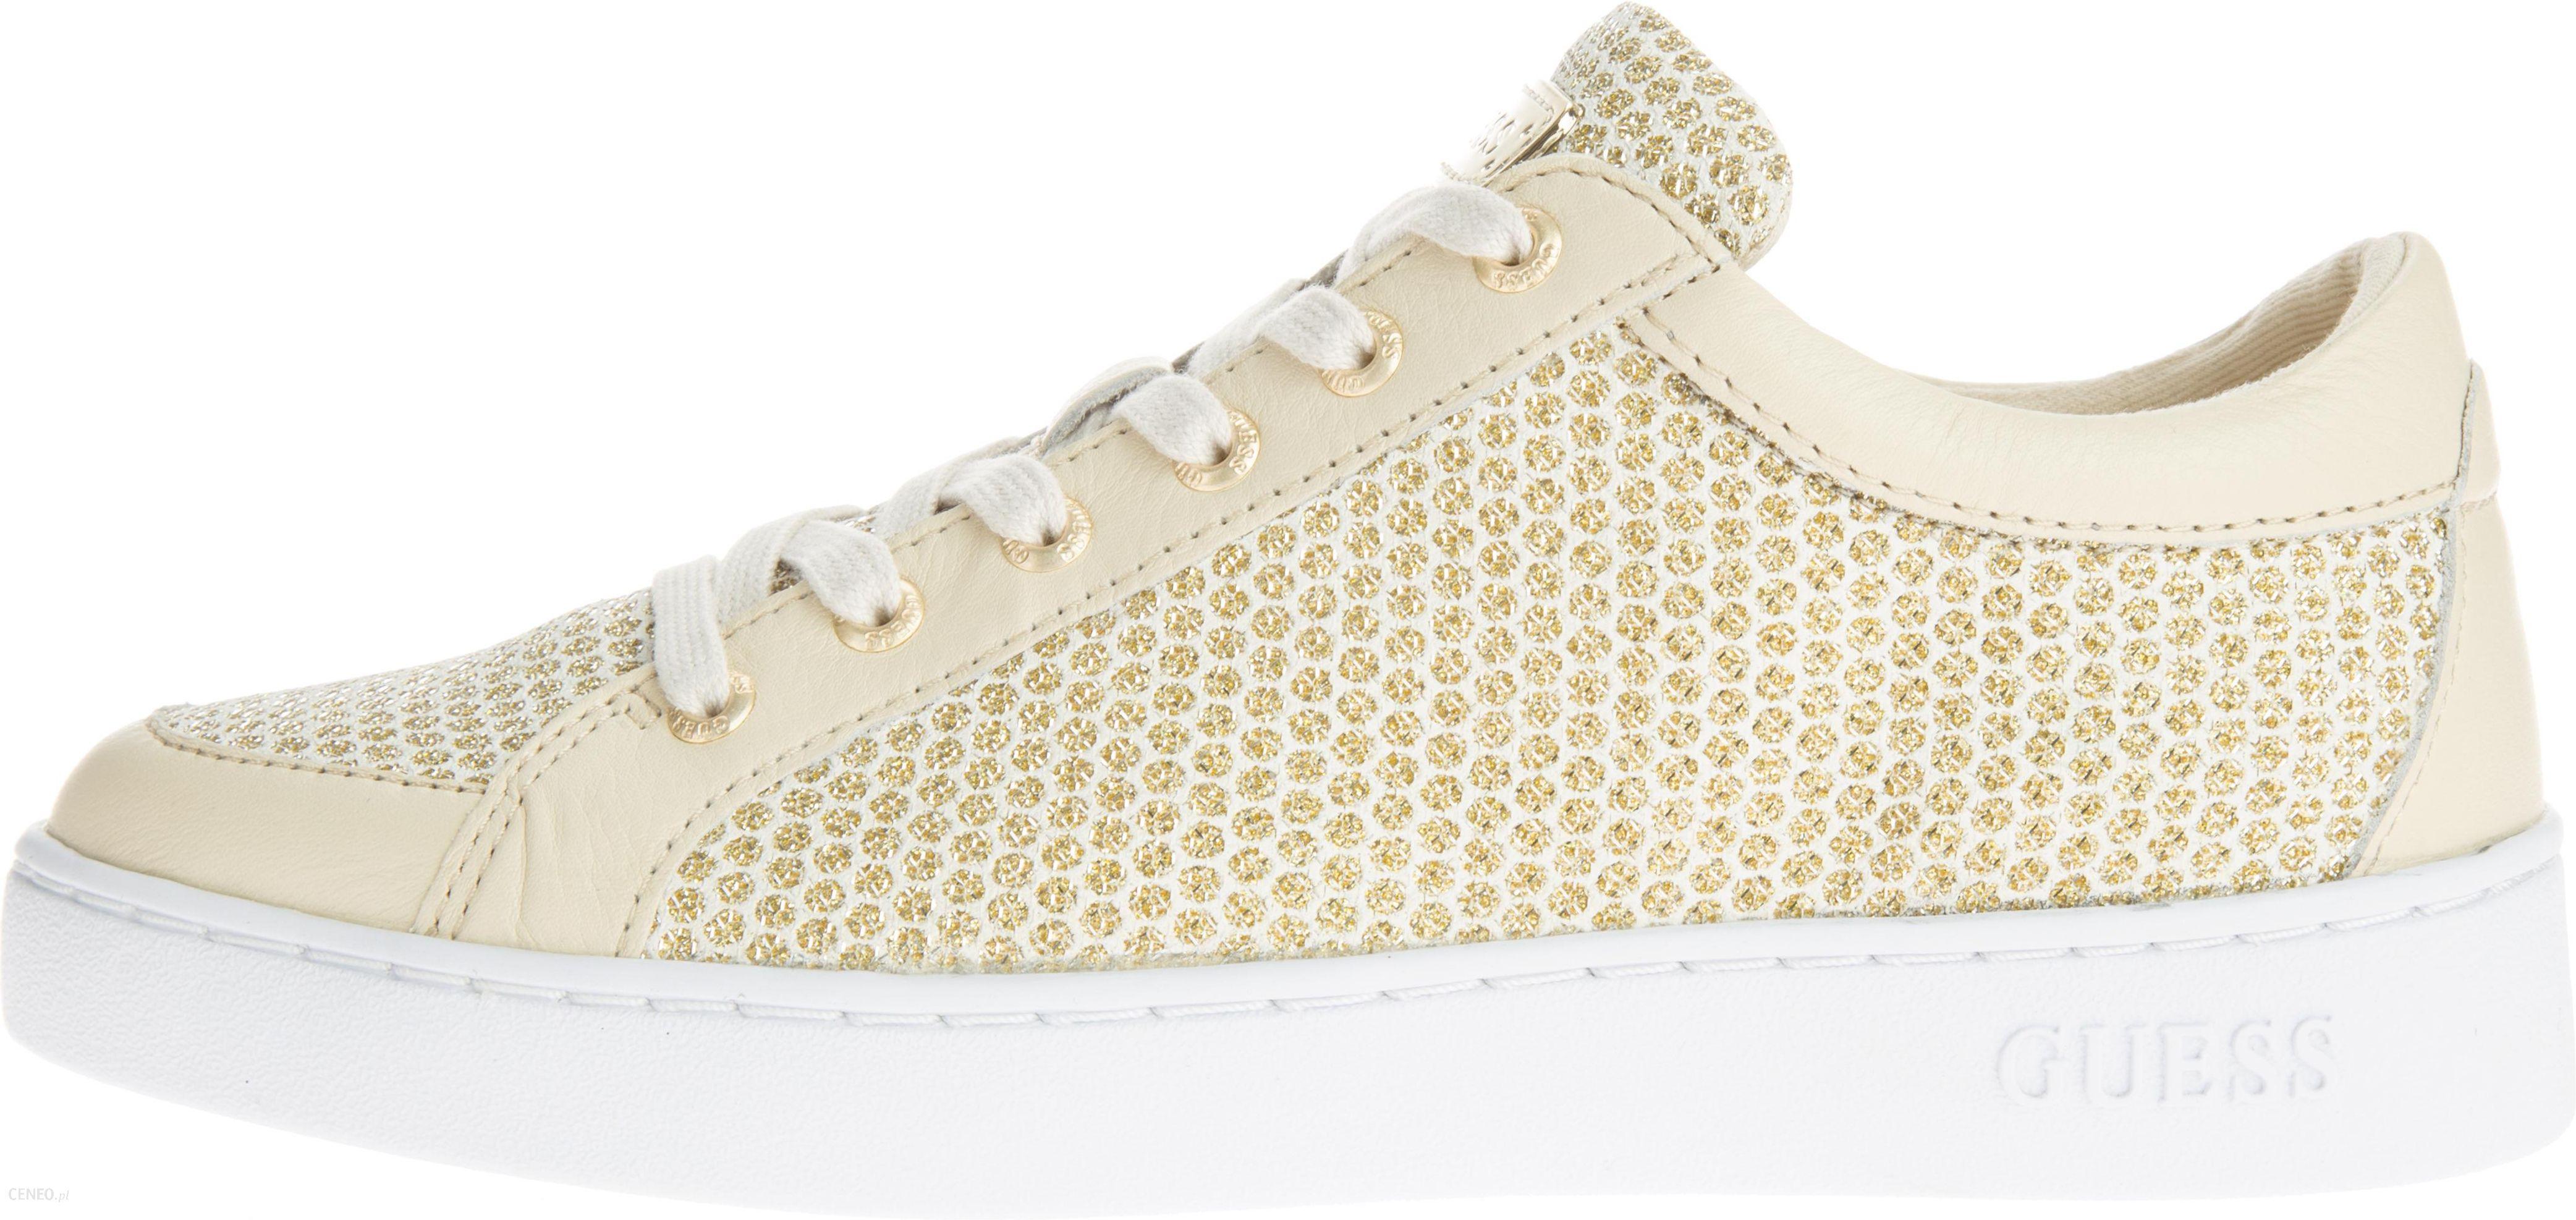 Guess Glinna Sneakers Brązowy 36 Ceny i opinie Ceneo.pl